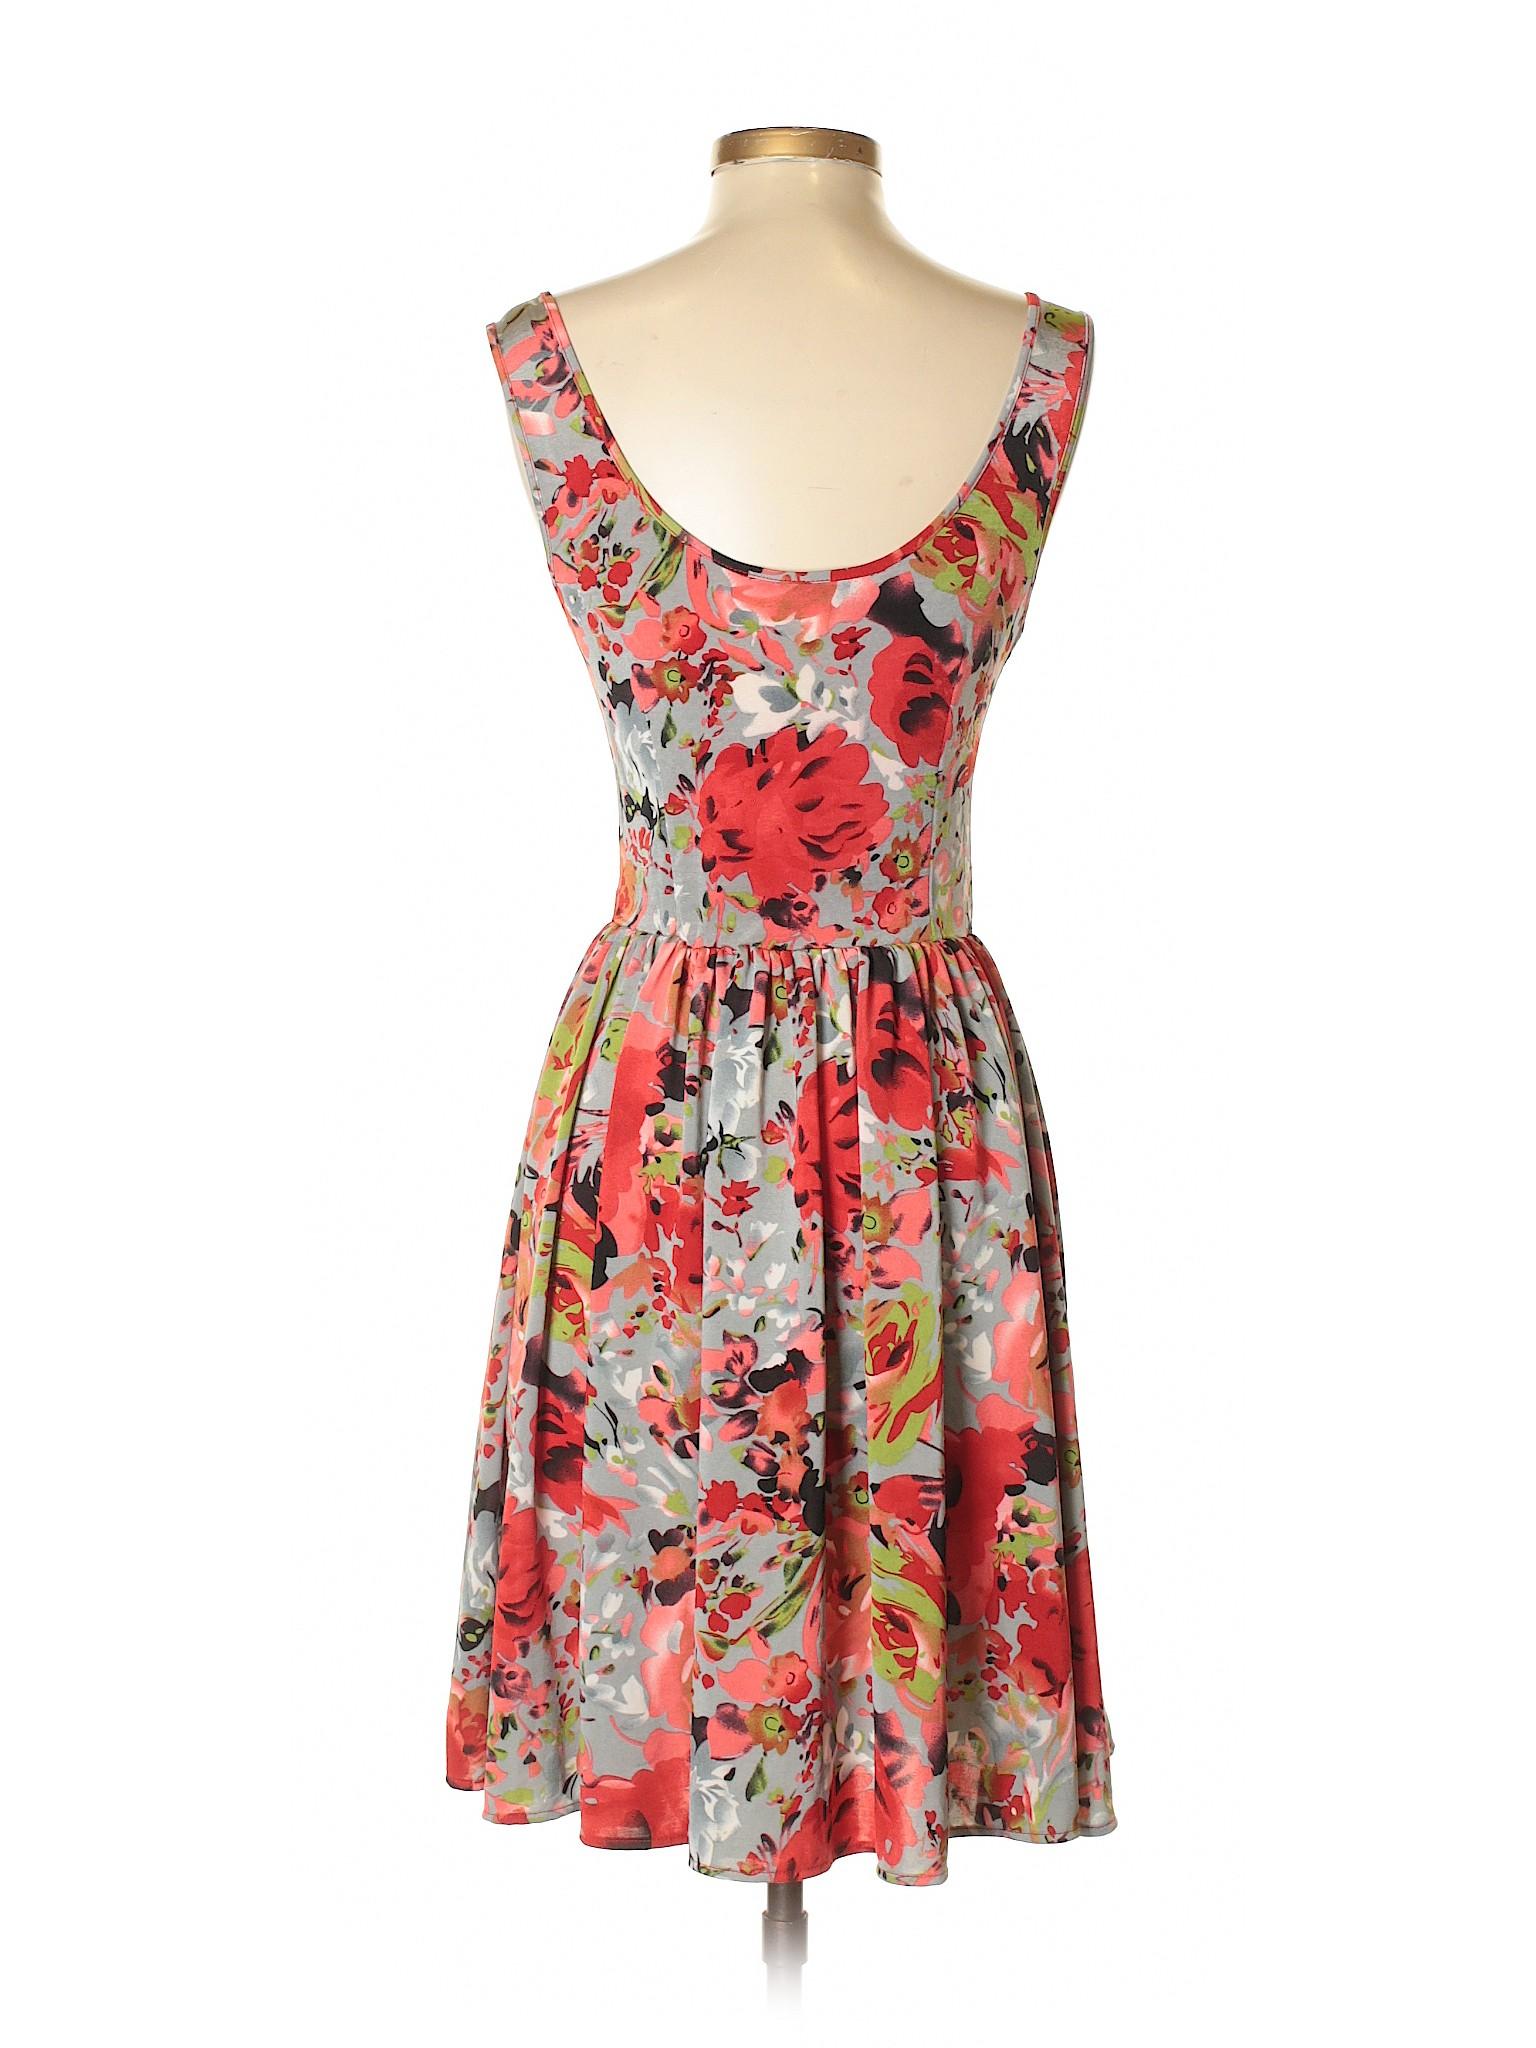 Boutique Casual winter Dress winter Annabella Boutique Annabella 1f108r